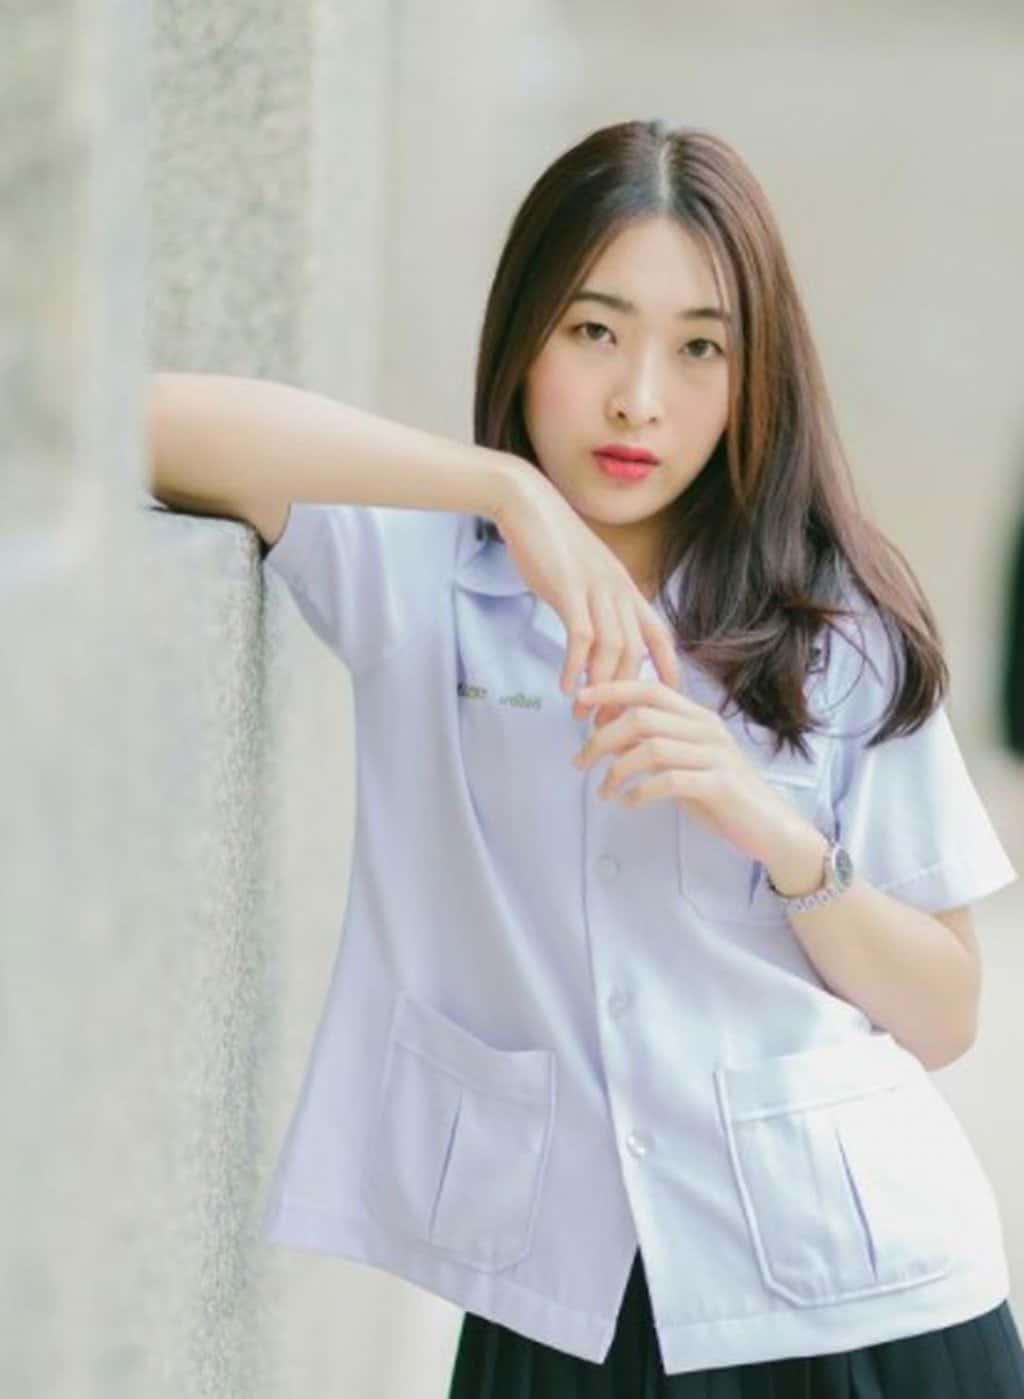 น้องจูน